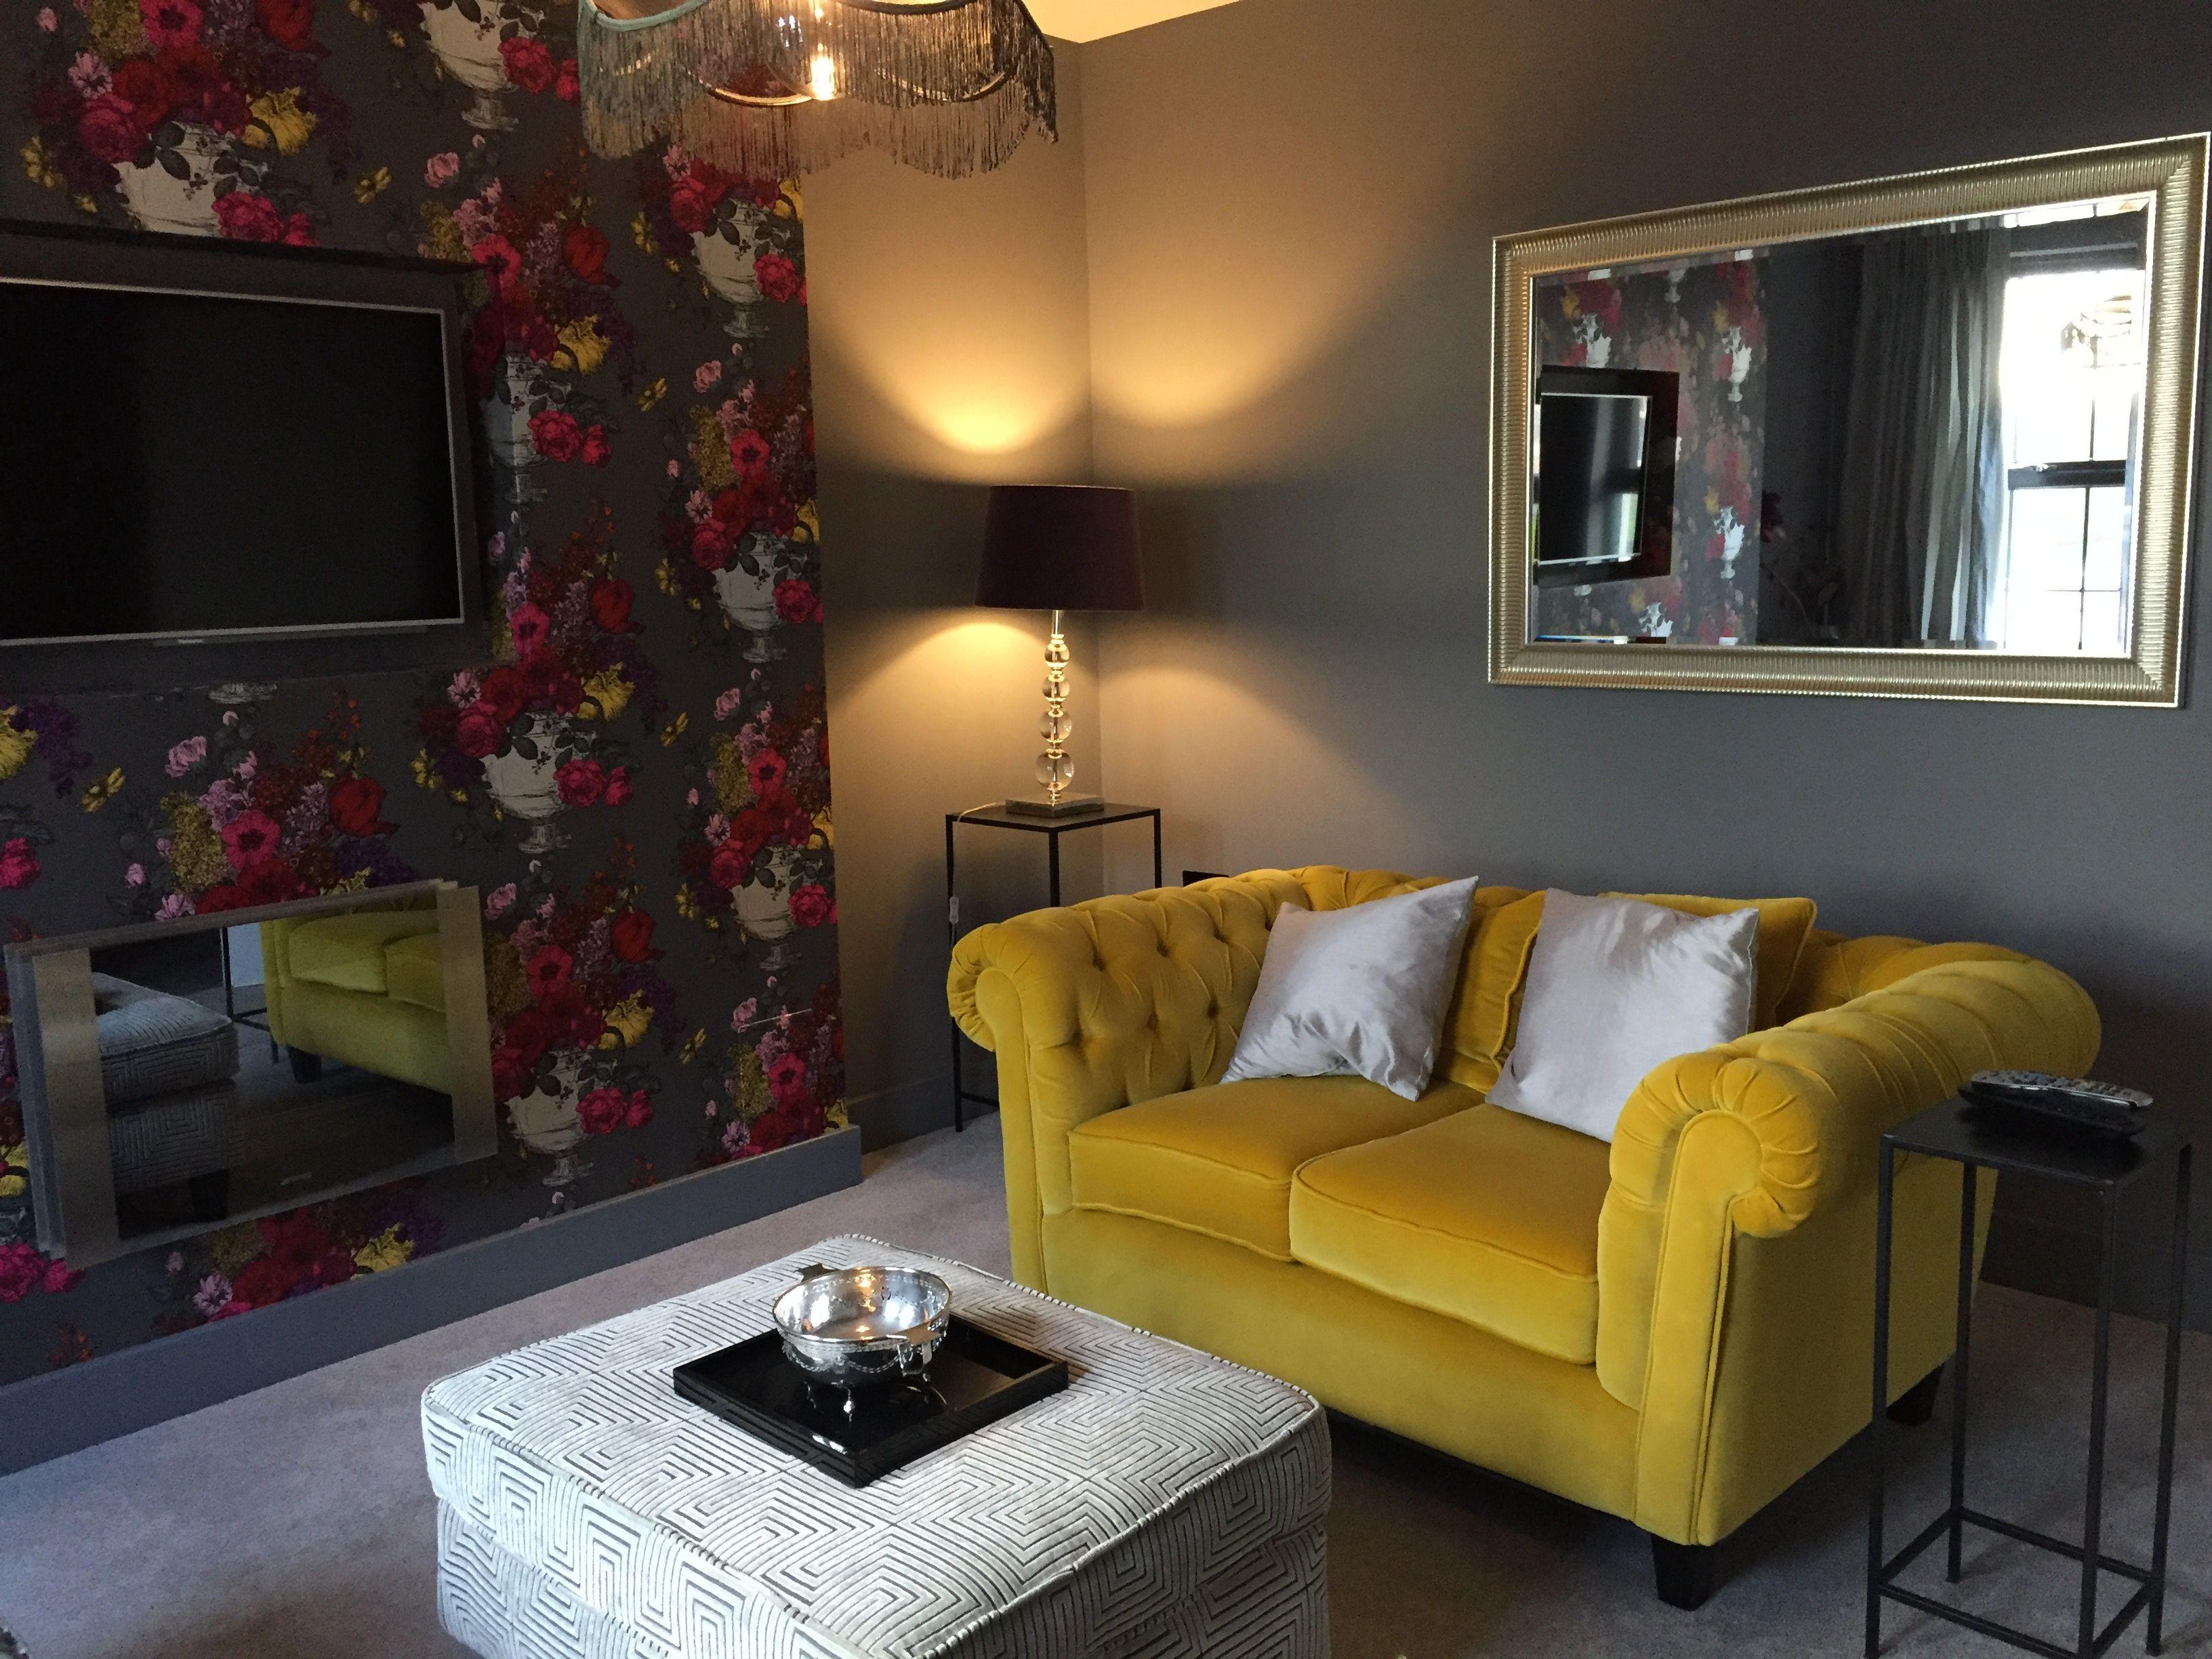 60 Inspirational Living Room Decor Ideas